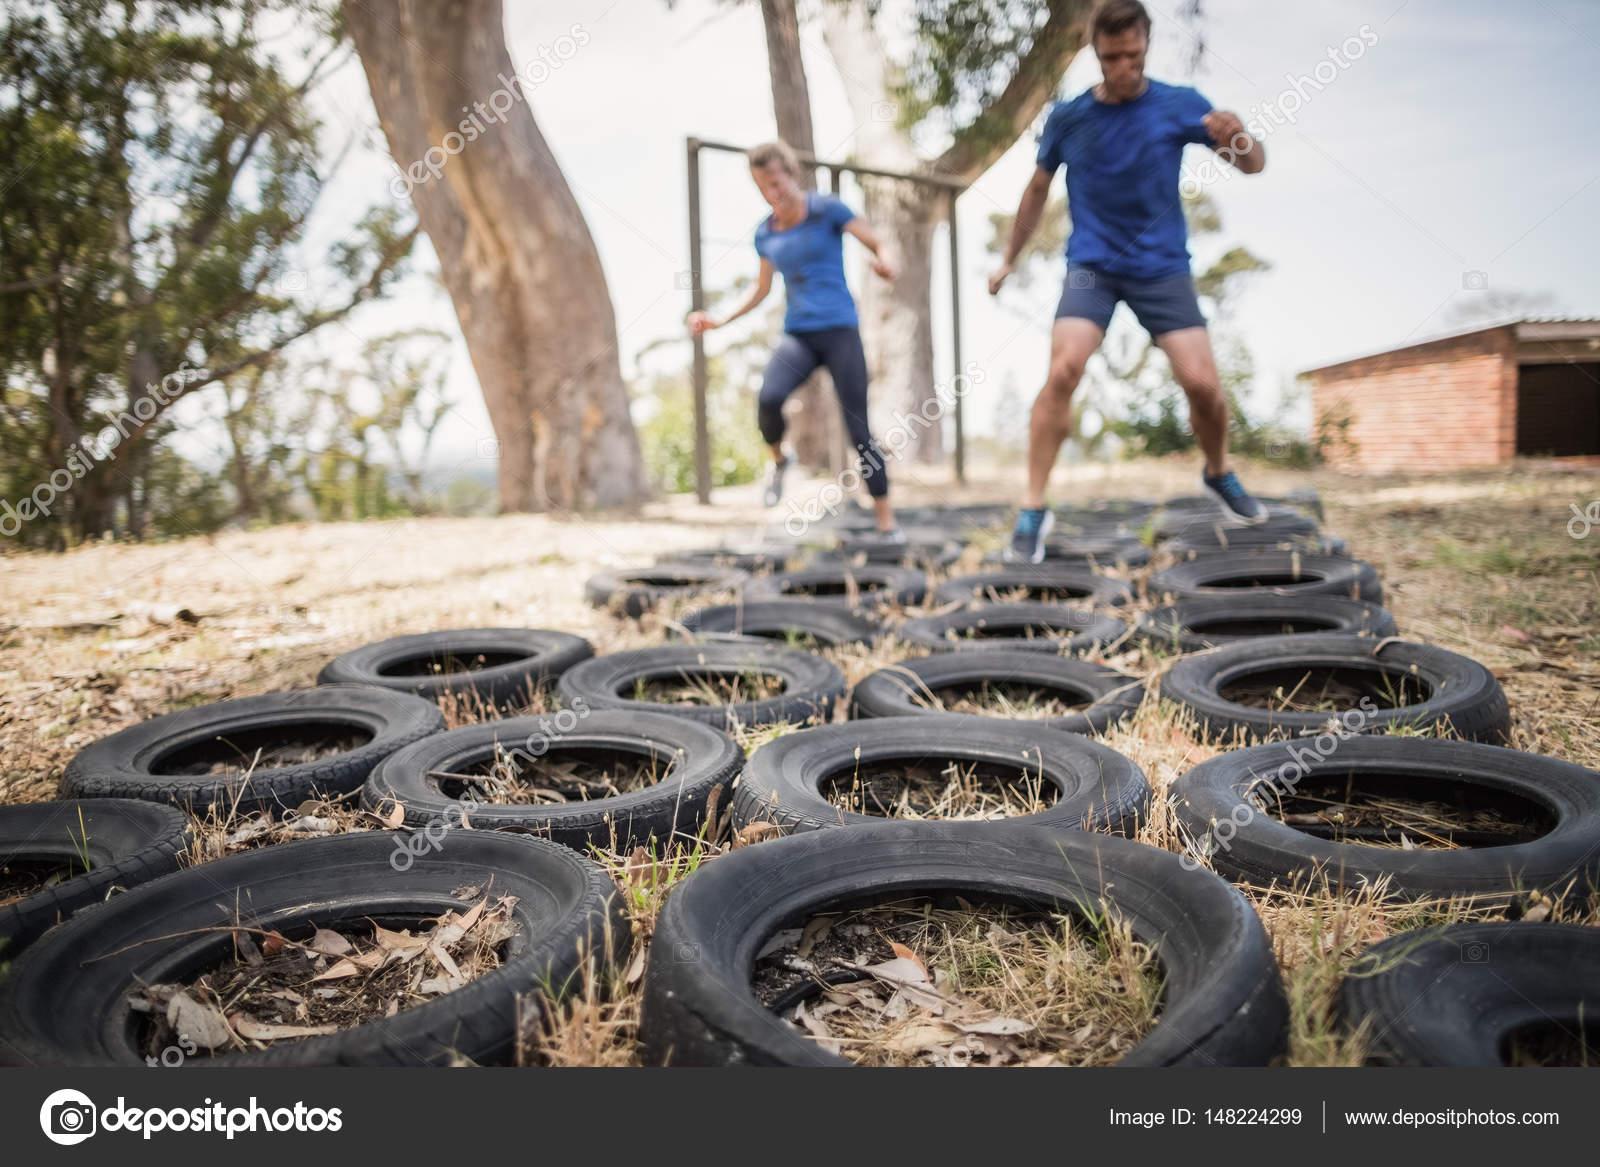 Klettergerüst Reifen : Mann und frau läuft über den reifen u2014 stockfoto © wavebreakmedia